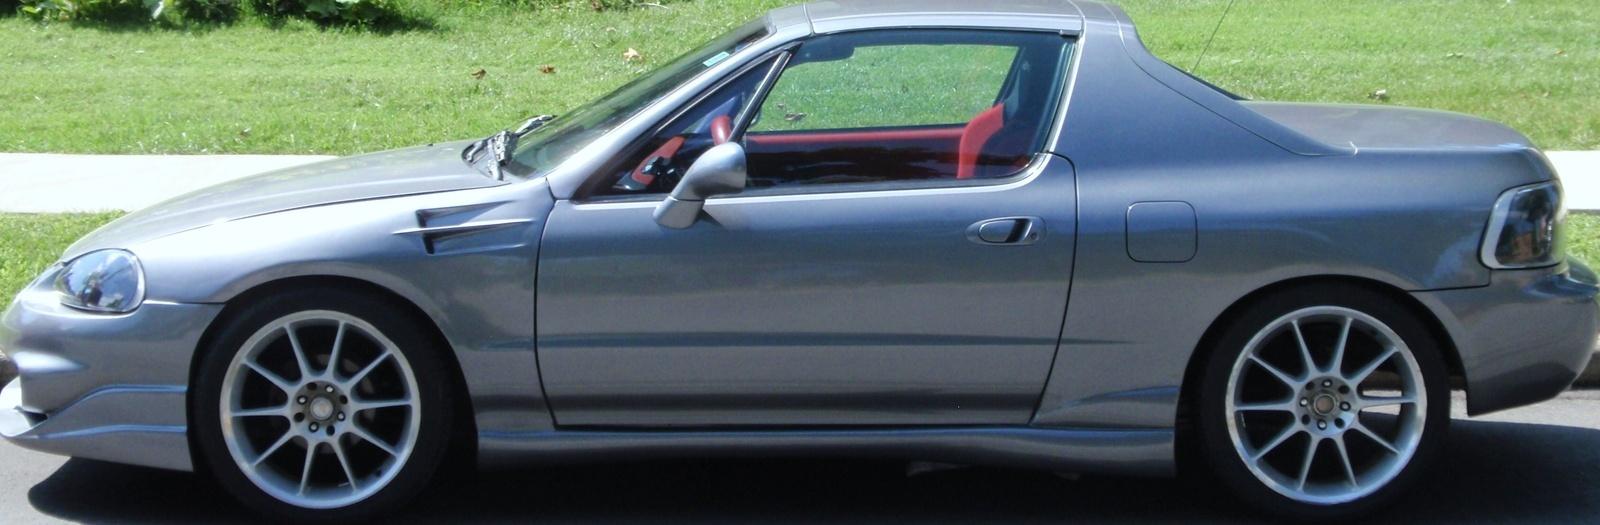 1994 honda del sol vtec engine